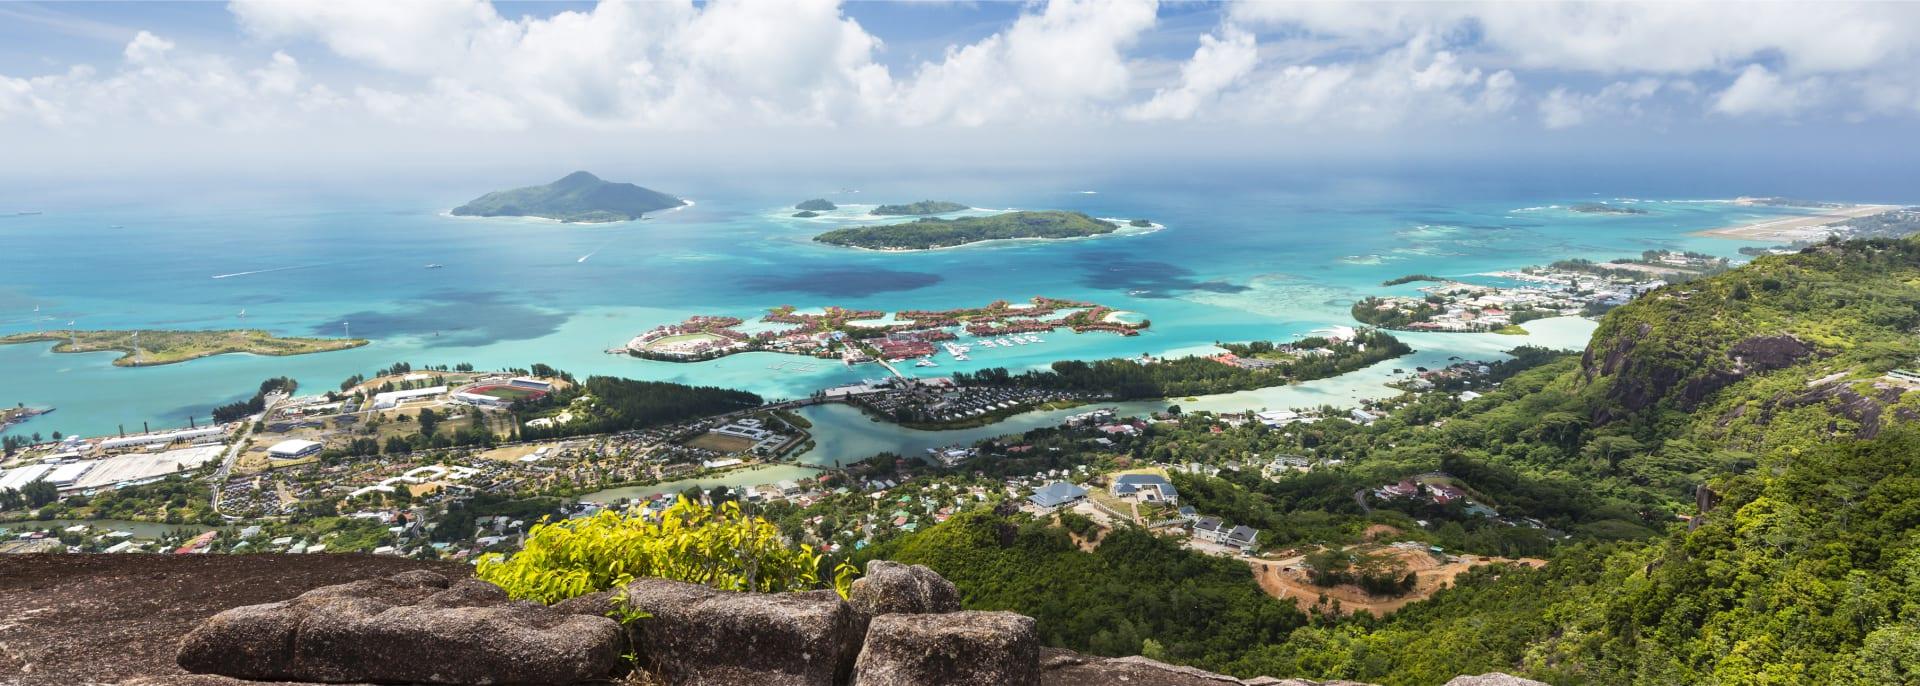 Aussicht vom Berg Copolia nach Südosten von Mahe, Seychellen mit der Hauptstadt Victoria im Vordergrund